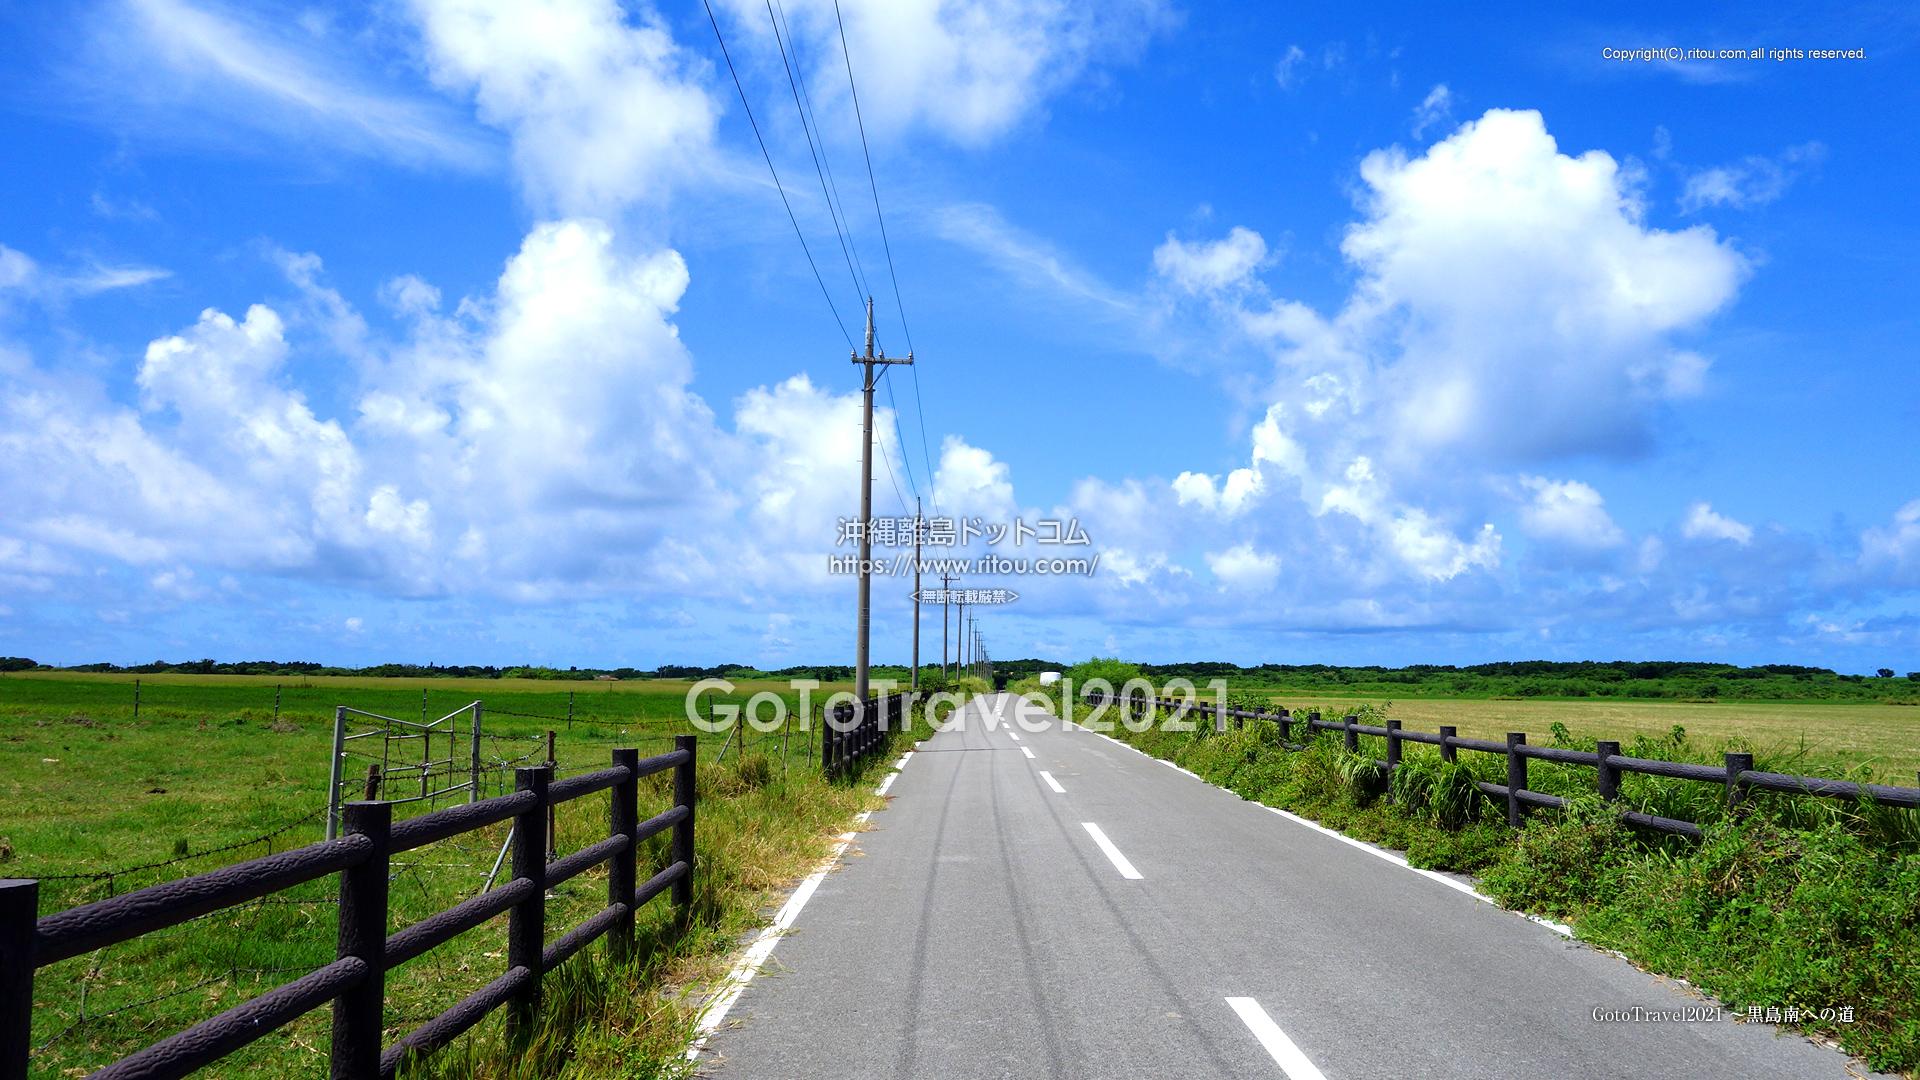 GotoTravel2021〜黒島南への道